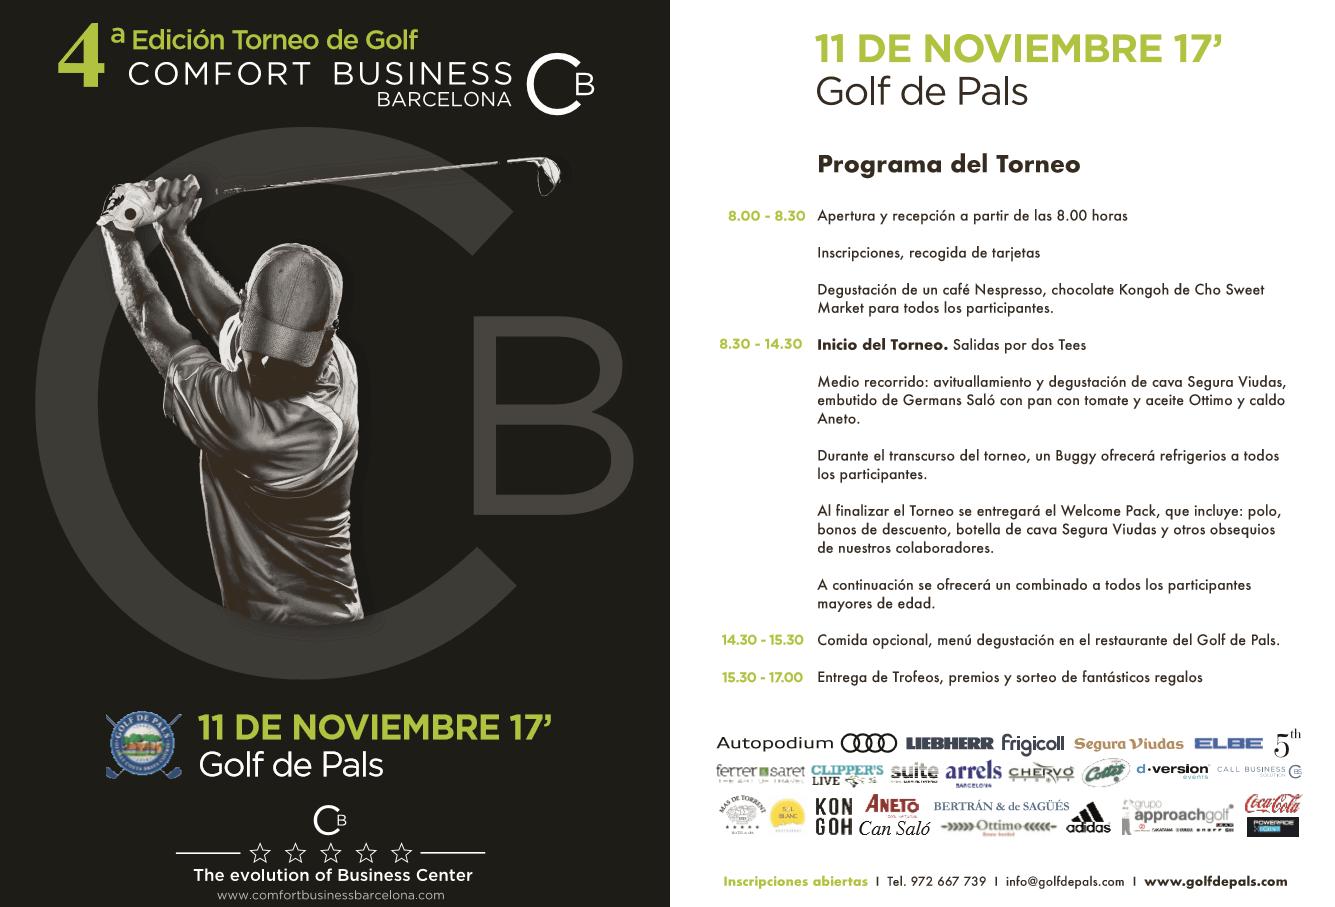 , 4ª Edición del Torneo de Golf organizado por Comfort Business Barcelona